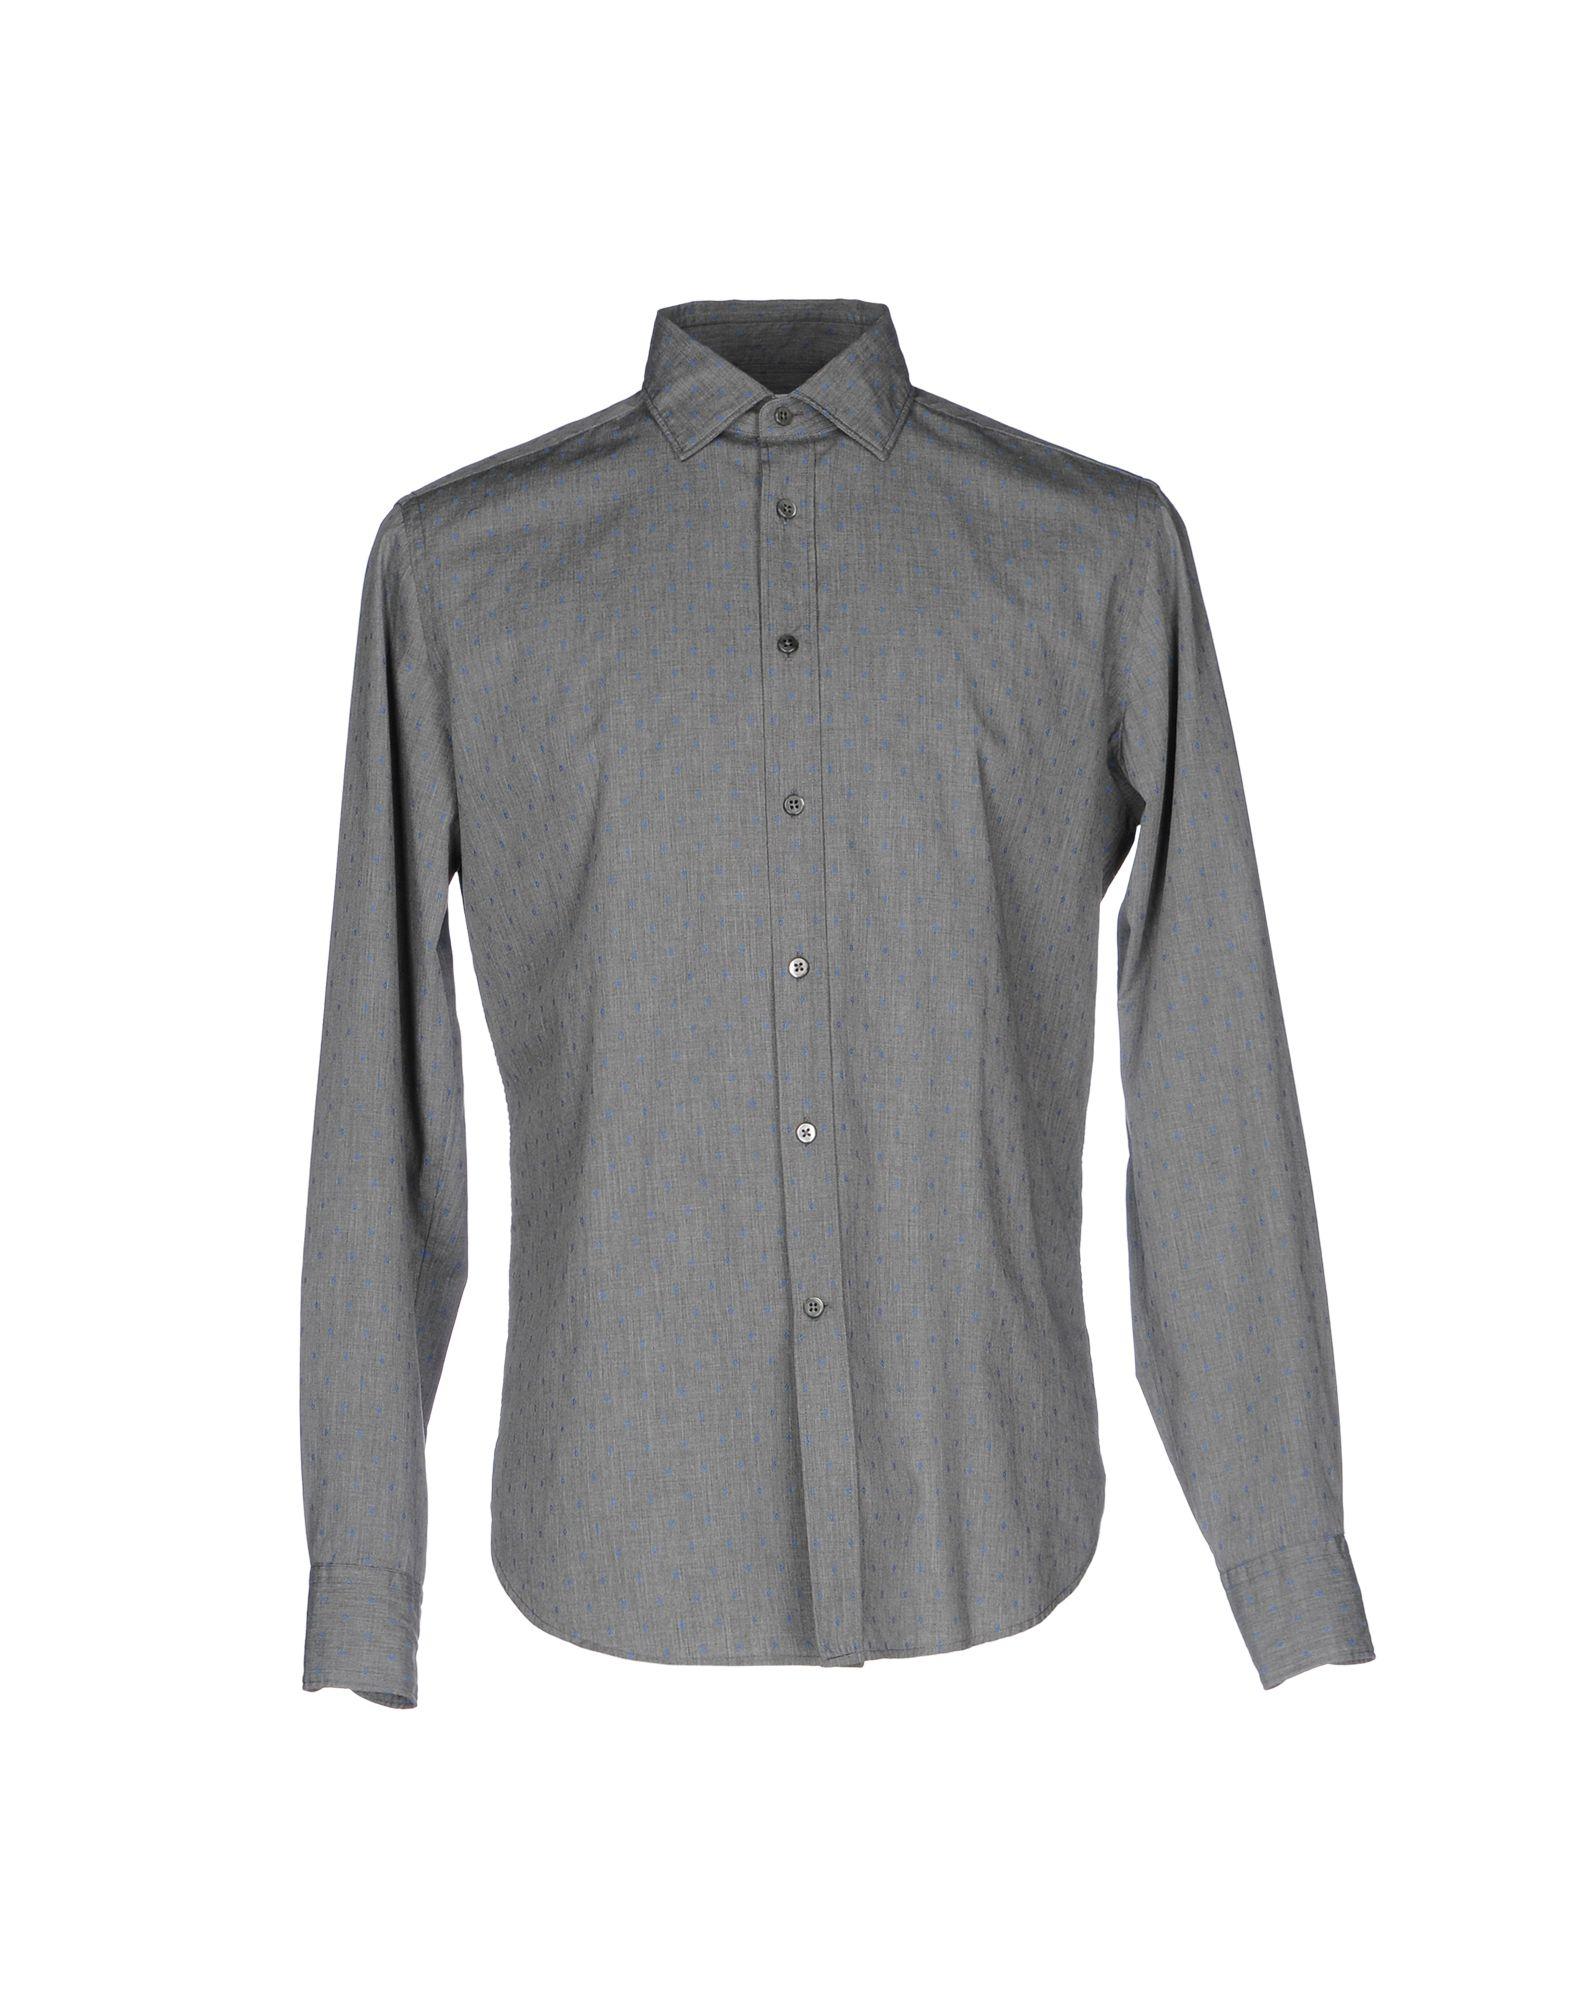 《送料無料》BAGUTTA メンズ シャツ グレー M コットン 100%